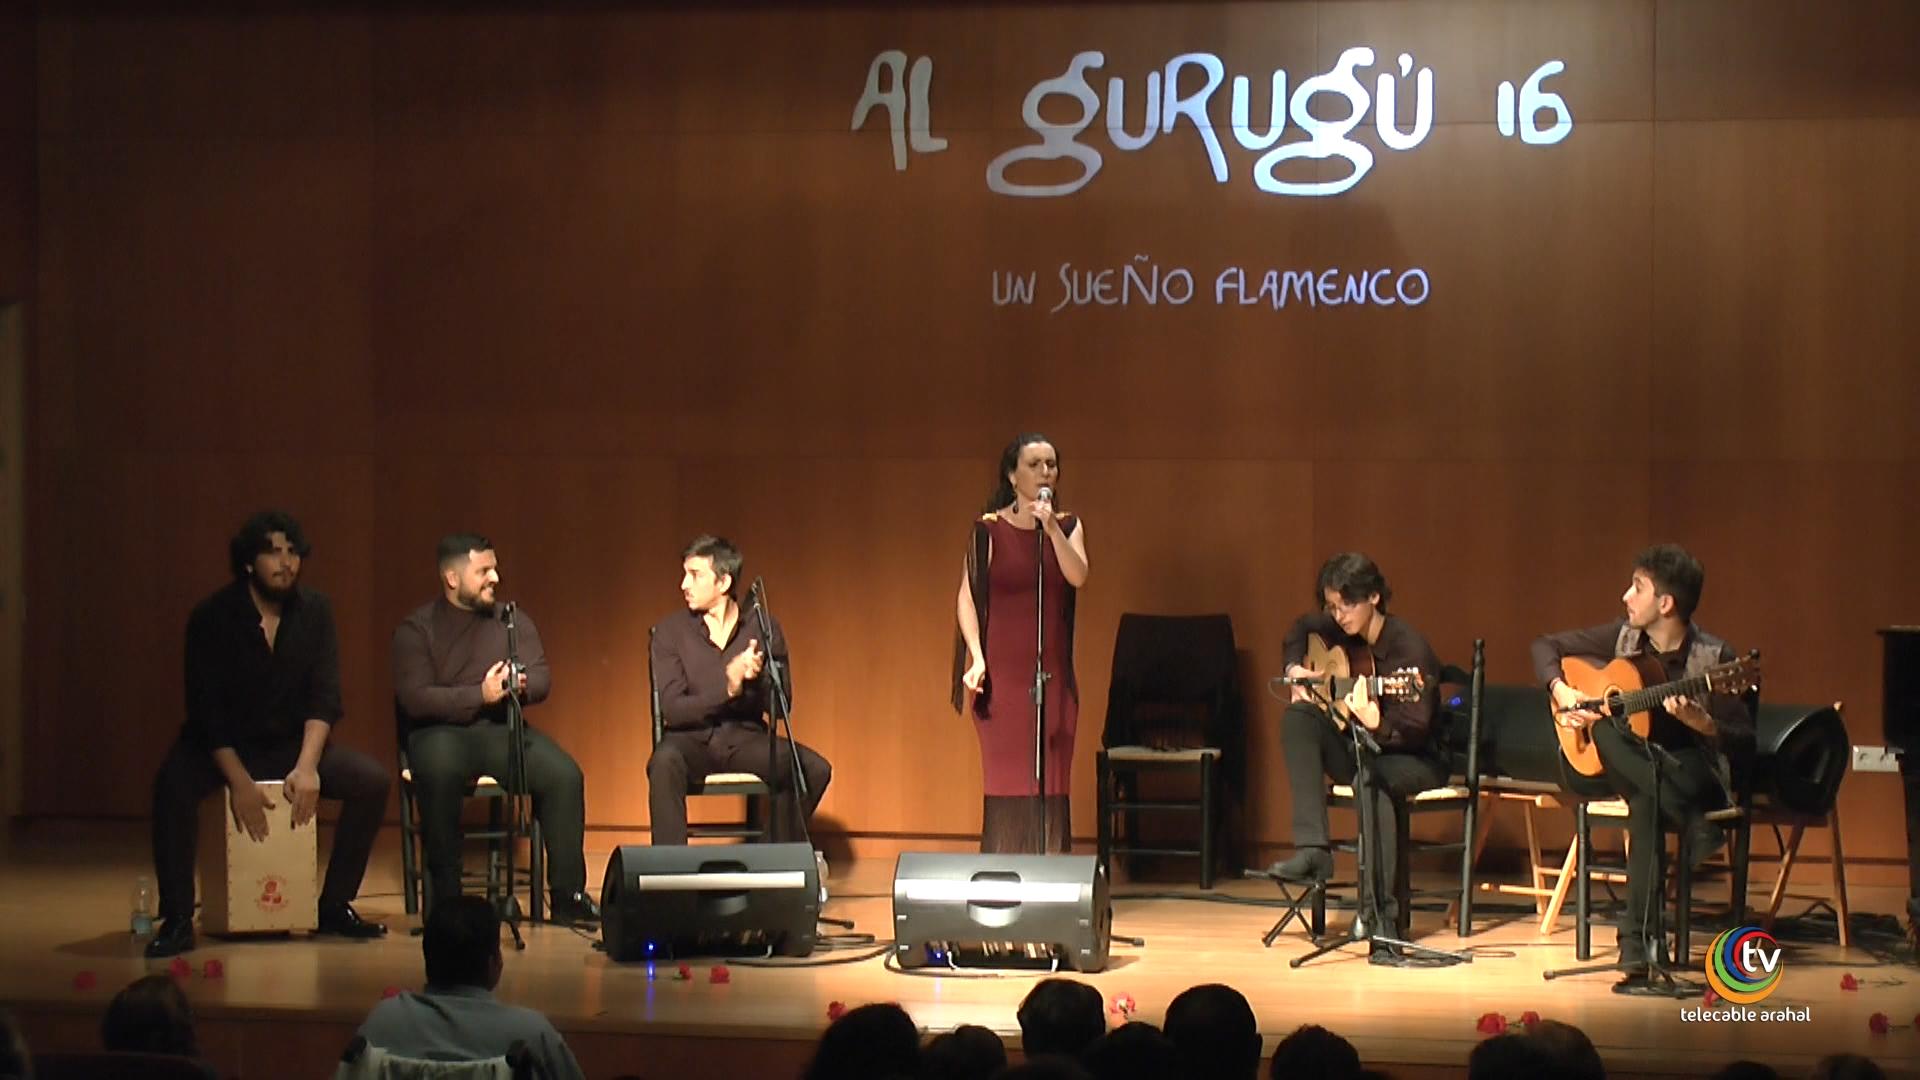 Algurugú 2016 Rosario Muñoz